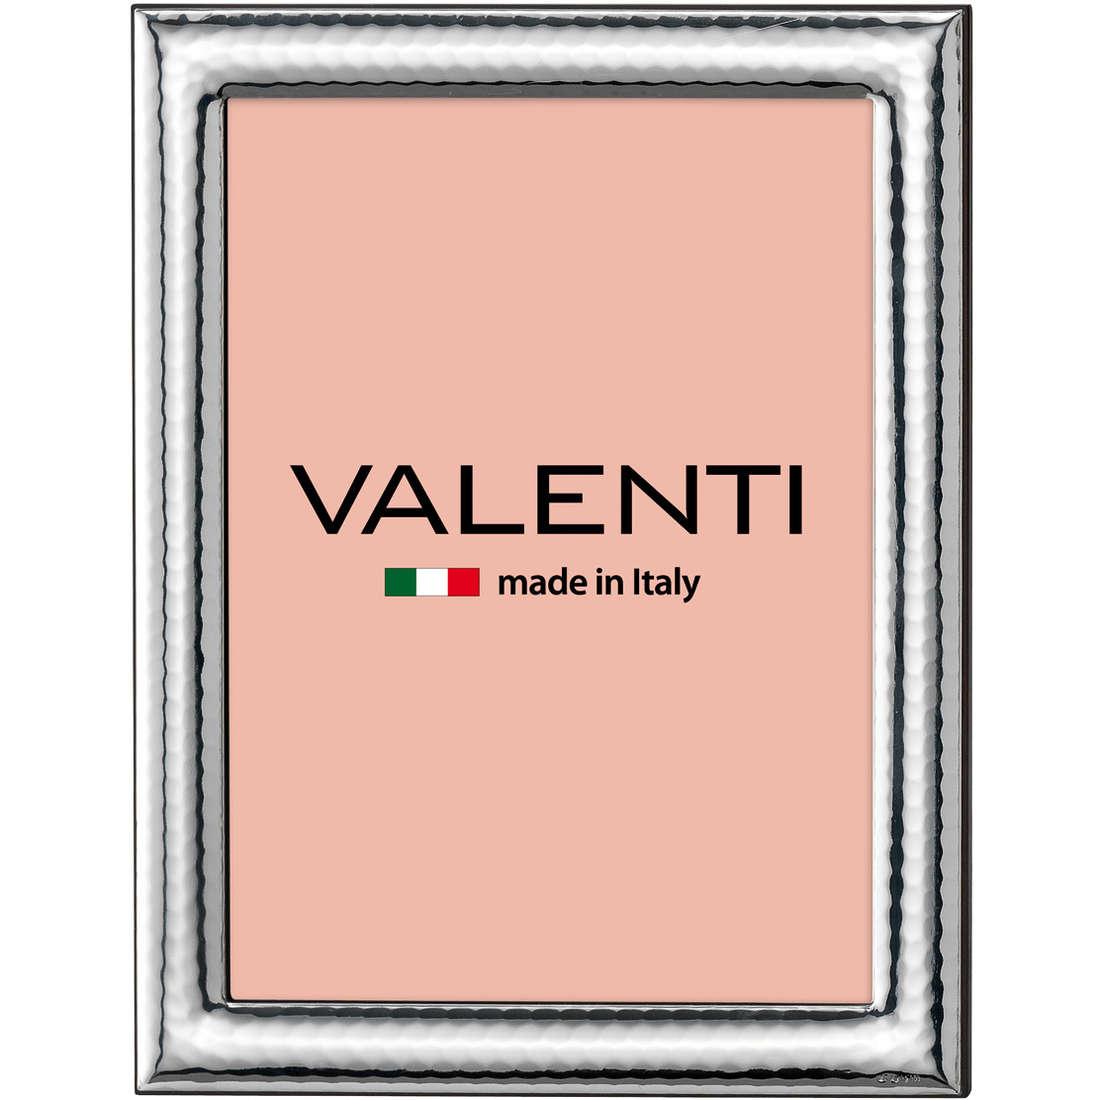 Cornici Valenti, cornice lucida martellata 12011 4L